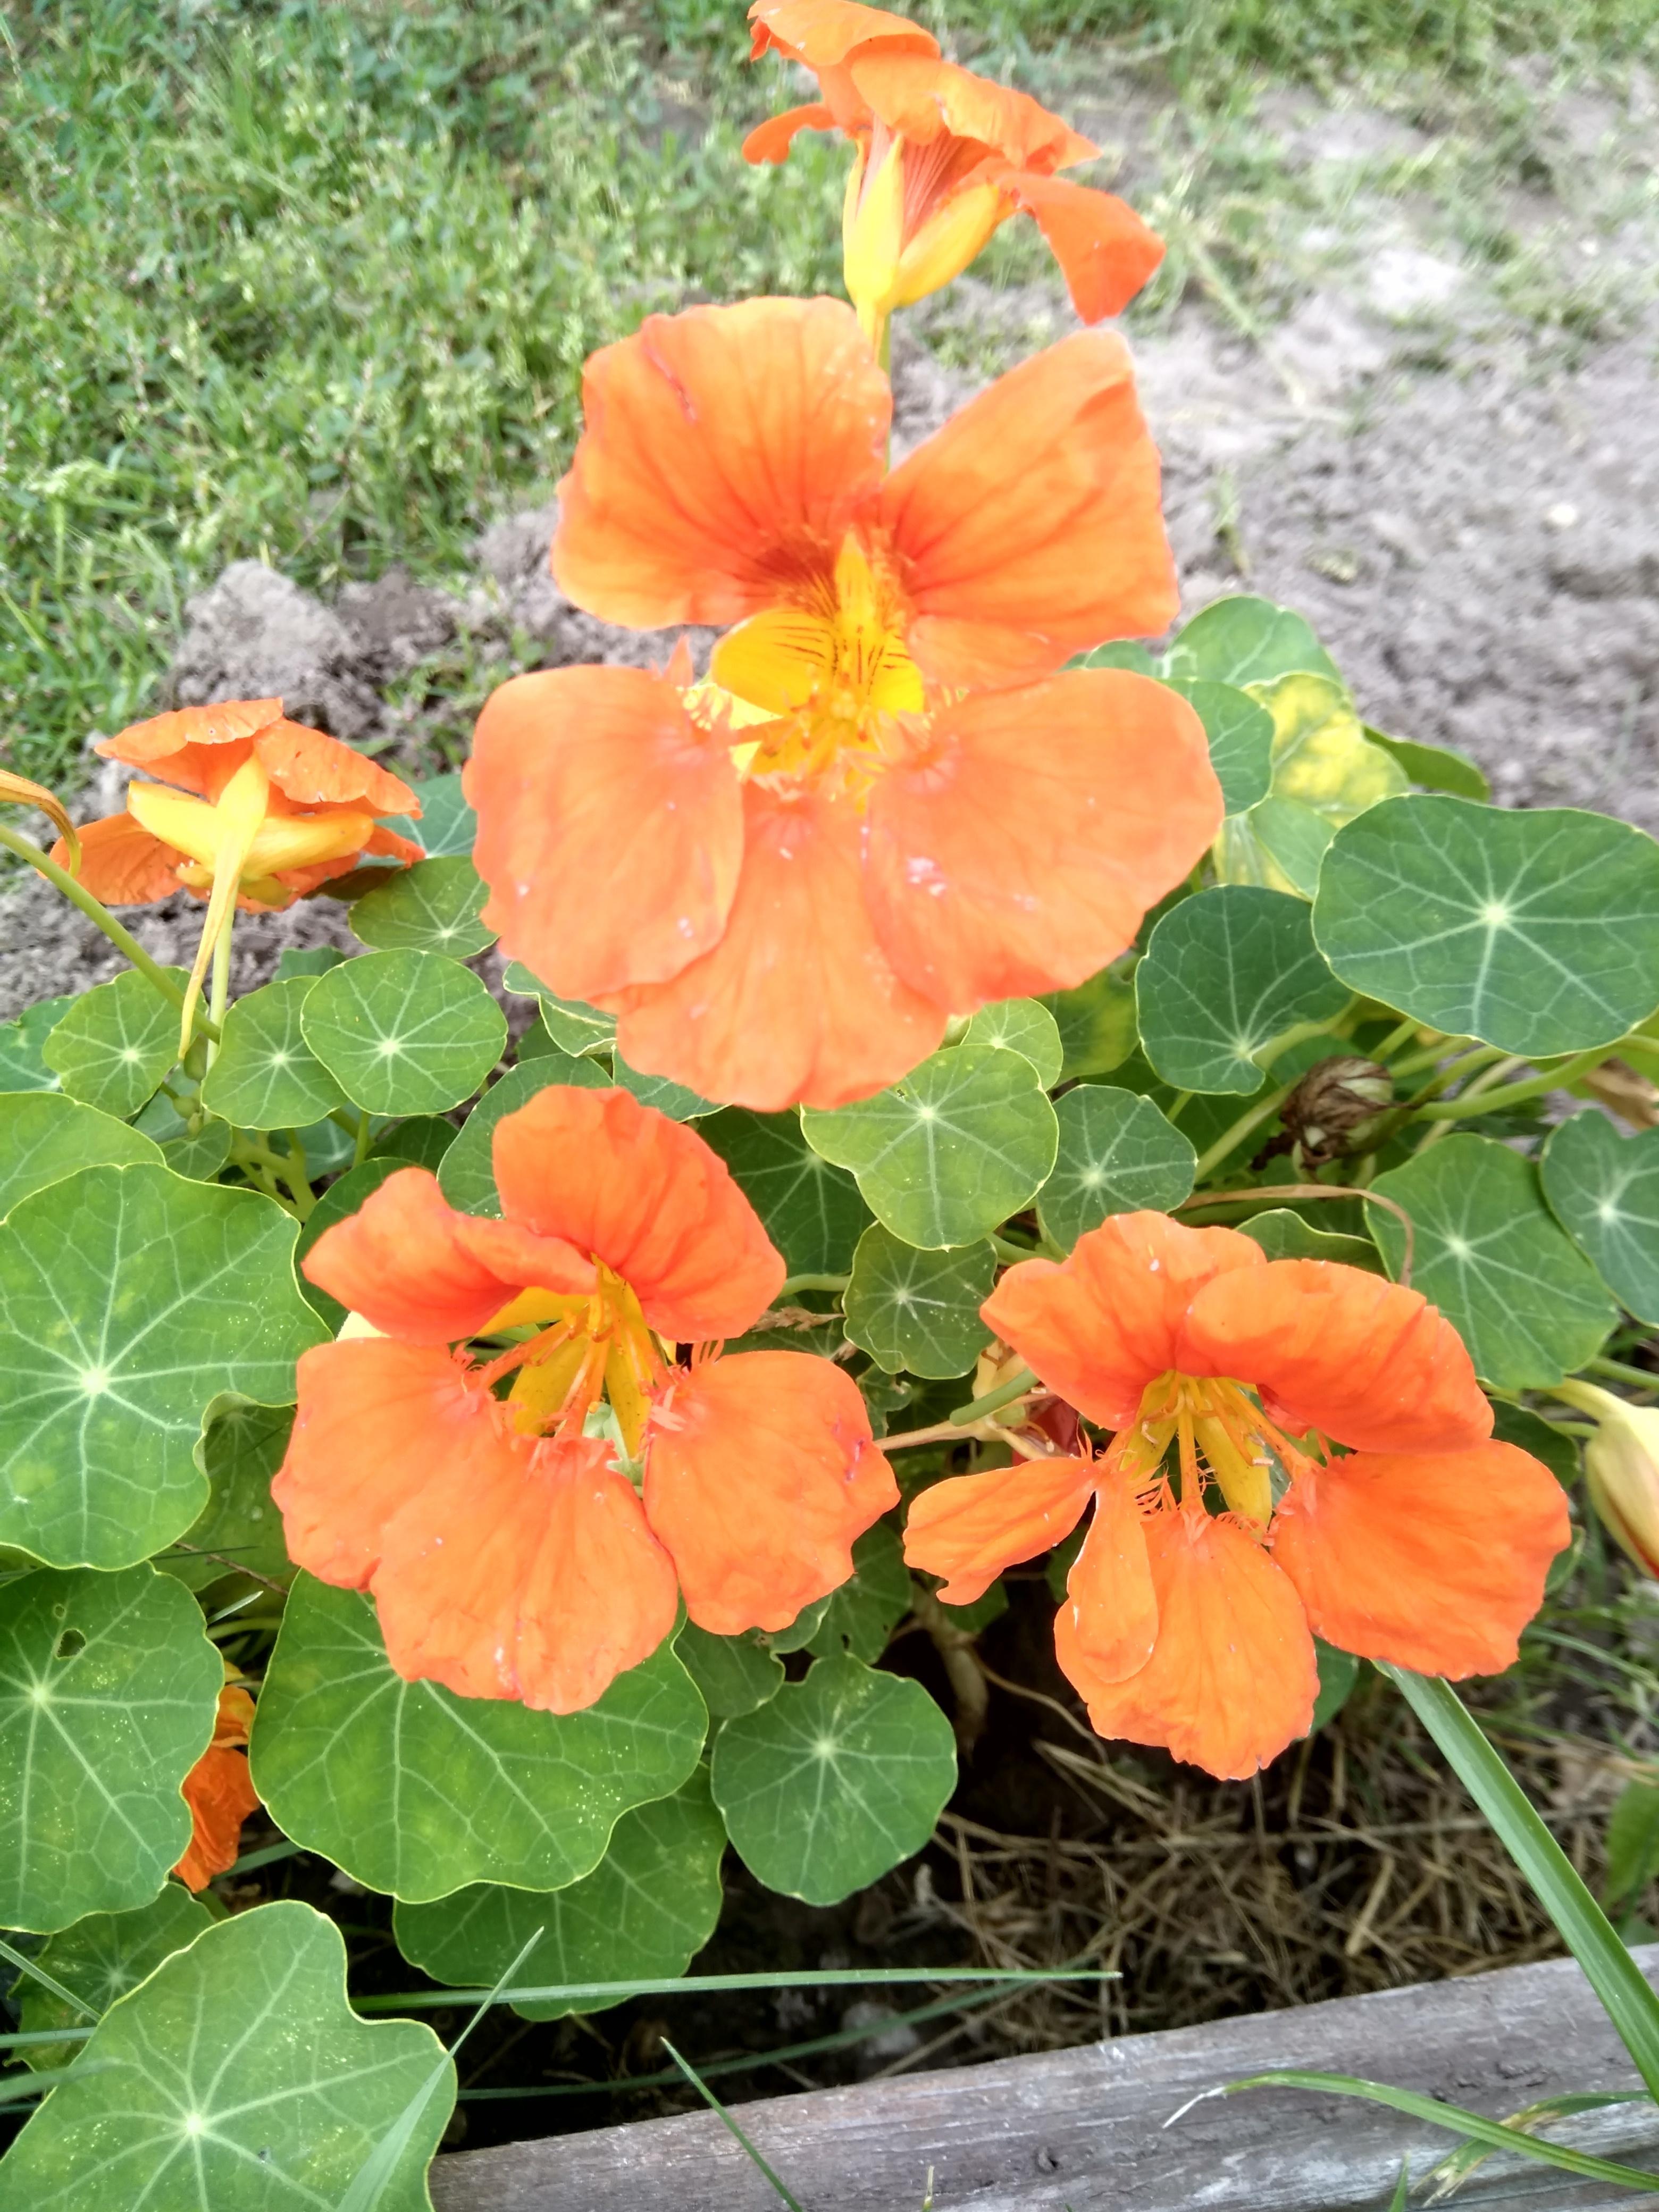 особенности цветы настурция выращивание фото еще лада